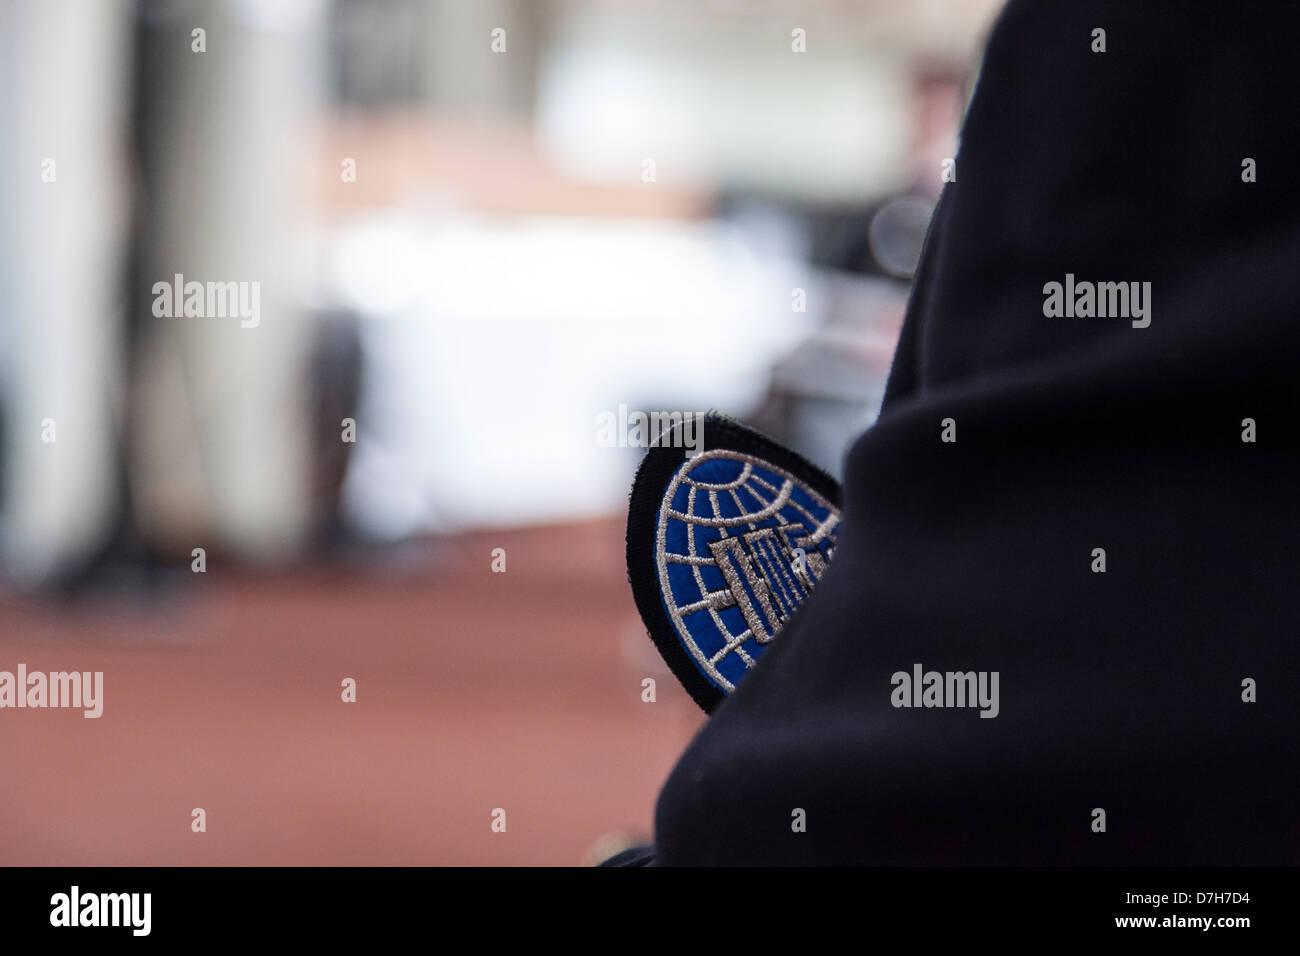 Sollevamento pesi internazionale ufficiale della federazione indossando IWF badge sulla tuta. Immagini Stock